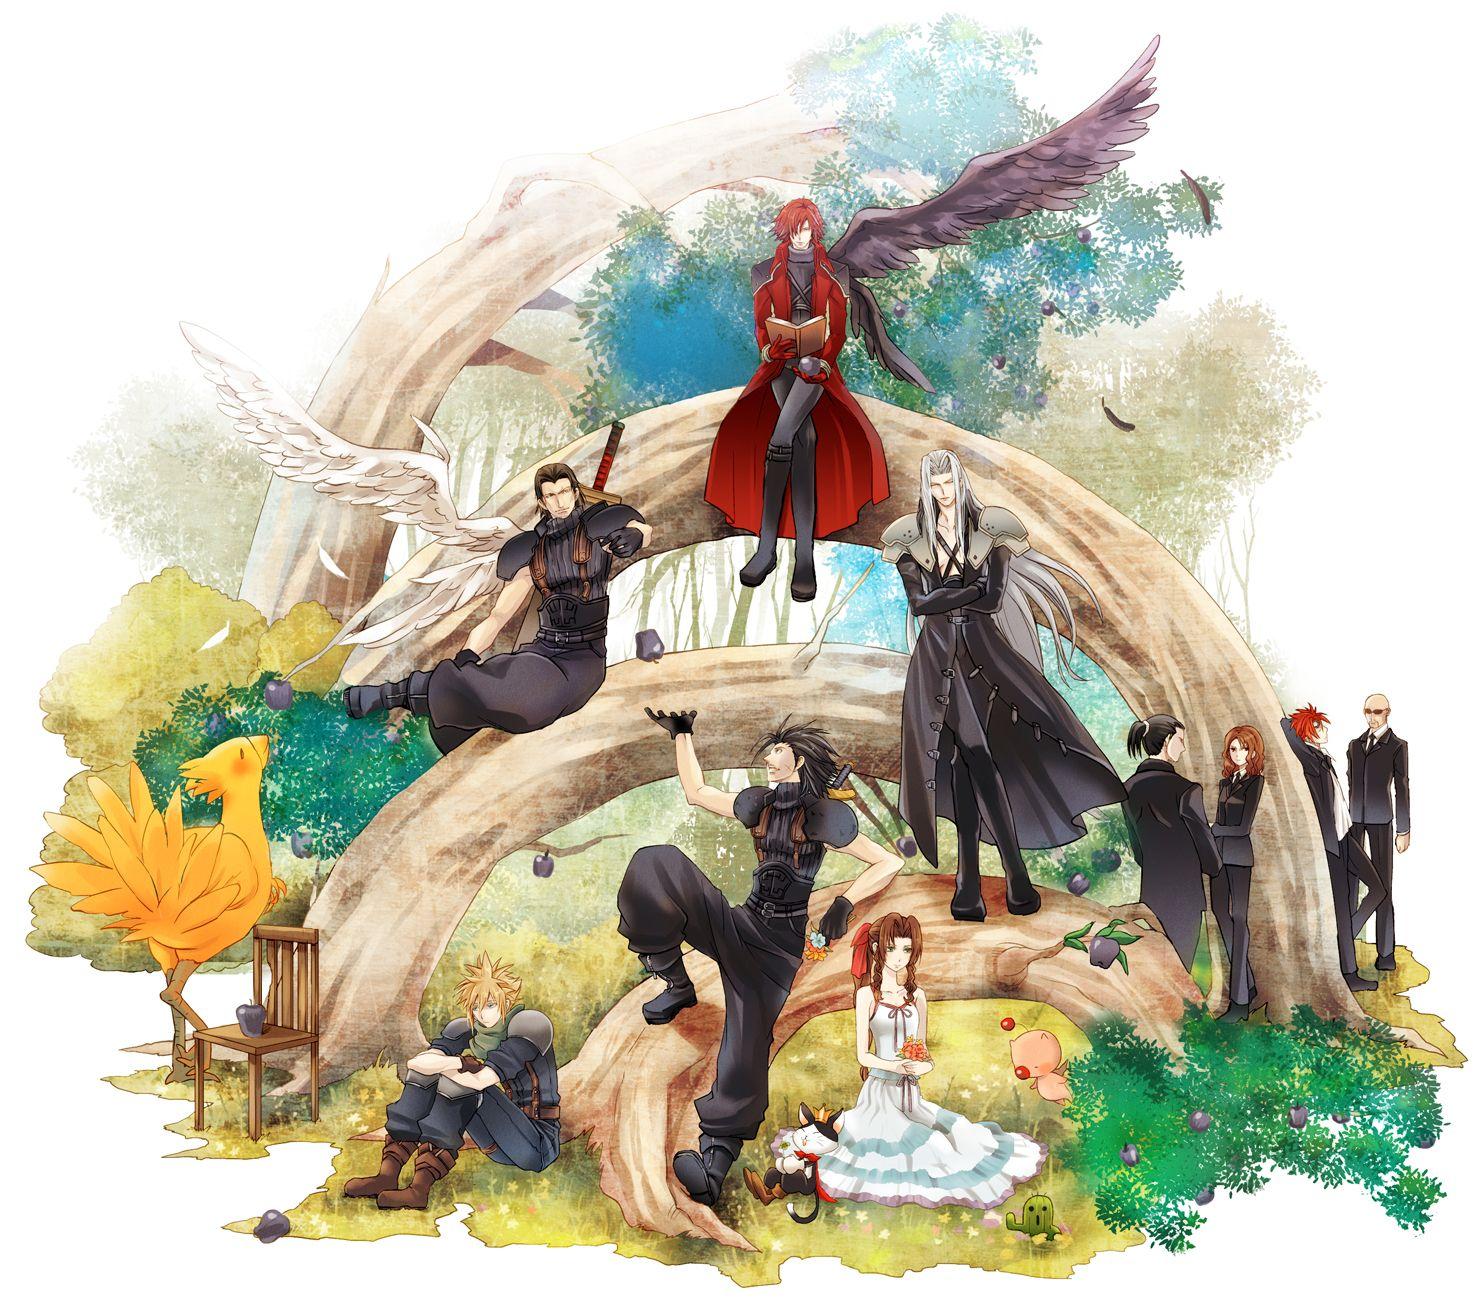 final fantasy 7 fan art - Cerca con Google